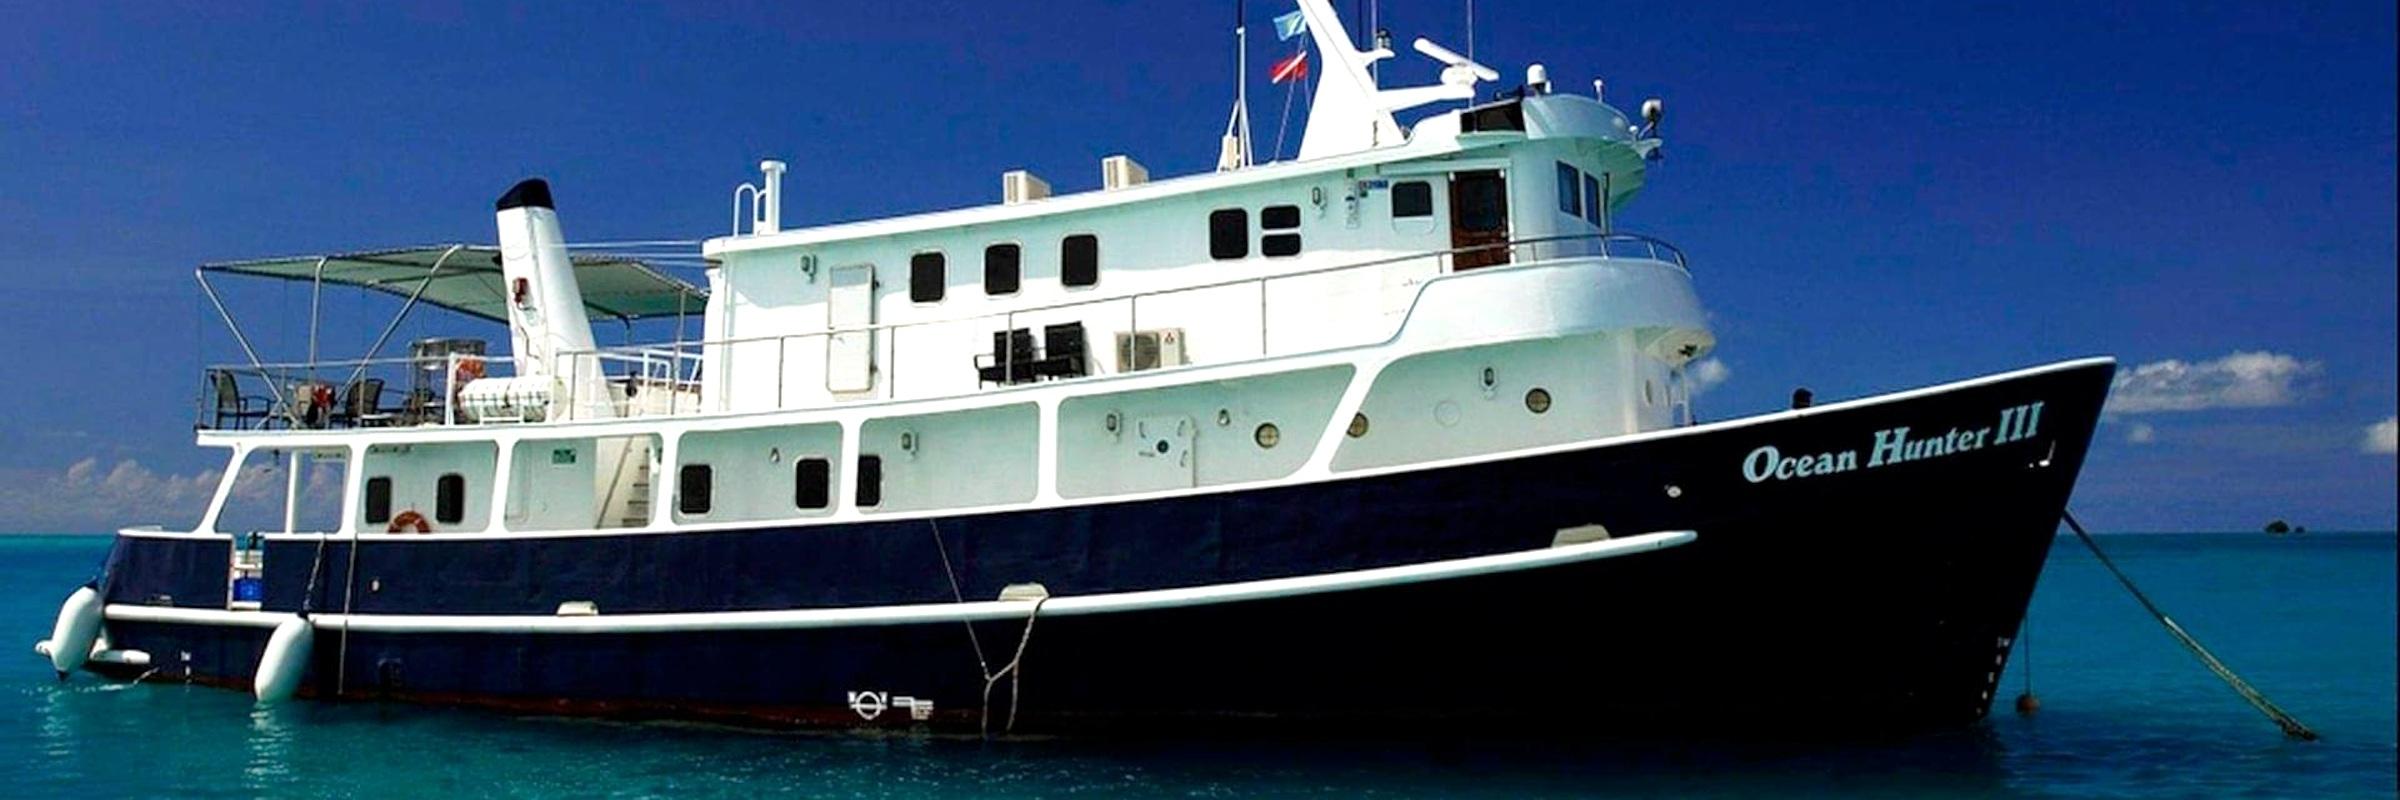 Die Ocean Hunter III war früher ein australisches Forschungsschiff und wurde später zum Kreuzfahrtschiff für Tauchtouren umgebaut.